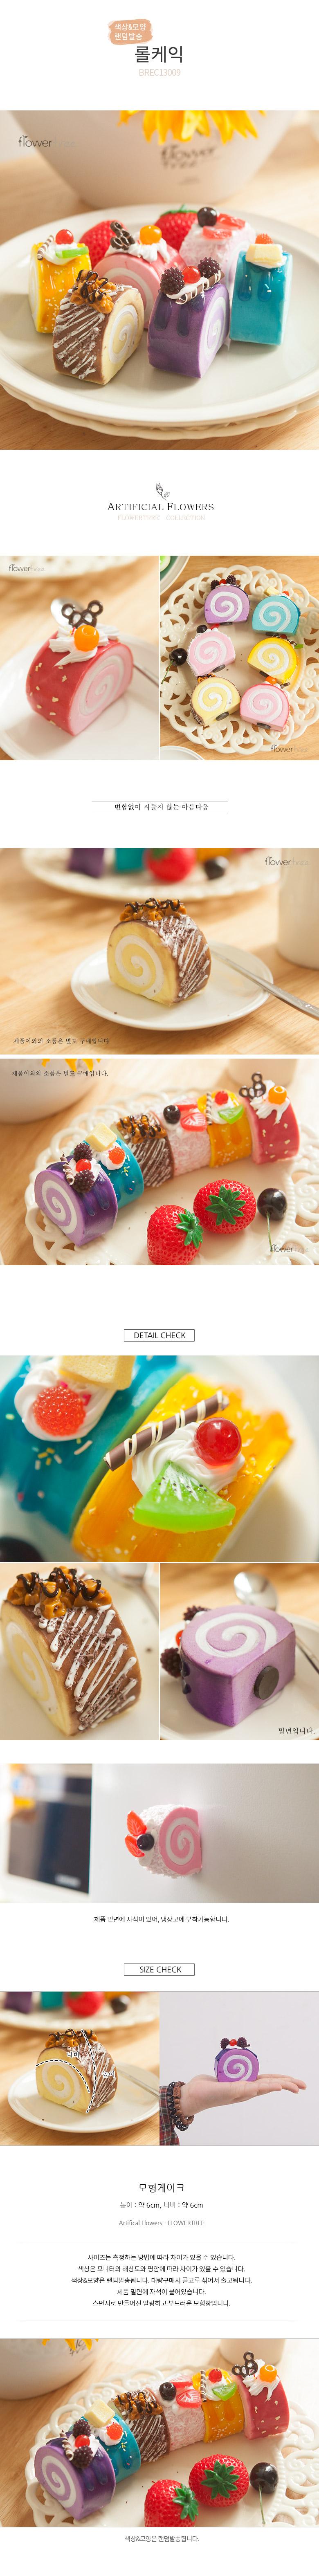 롤케익 [모형] - 플라워트리, 2,700원, 미니어처, 음식